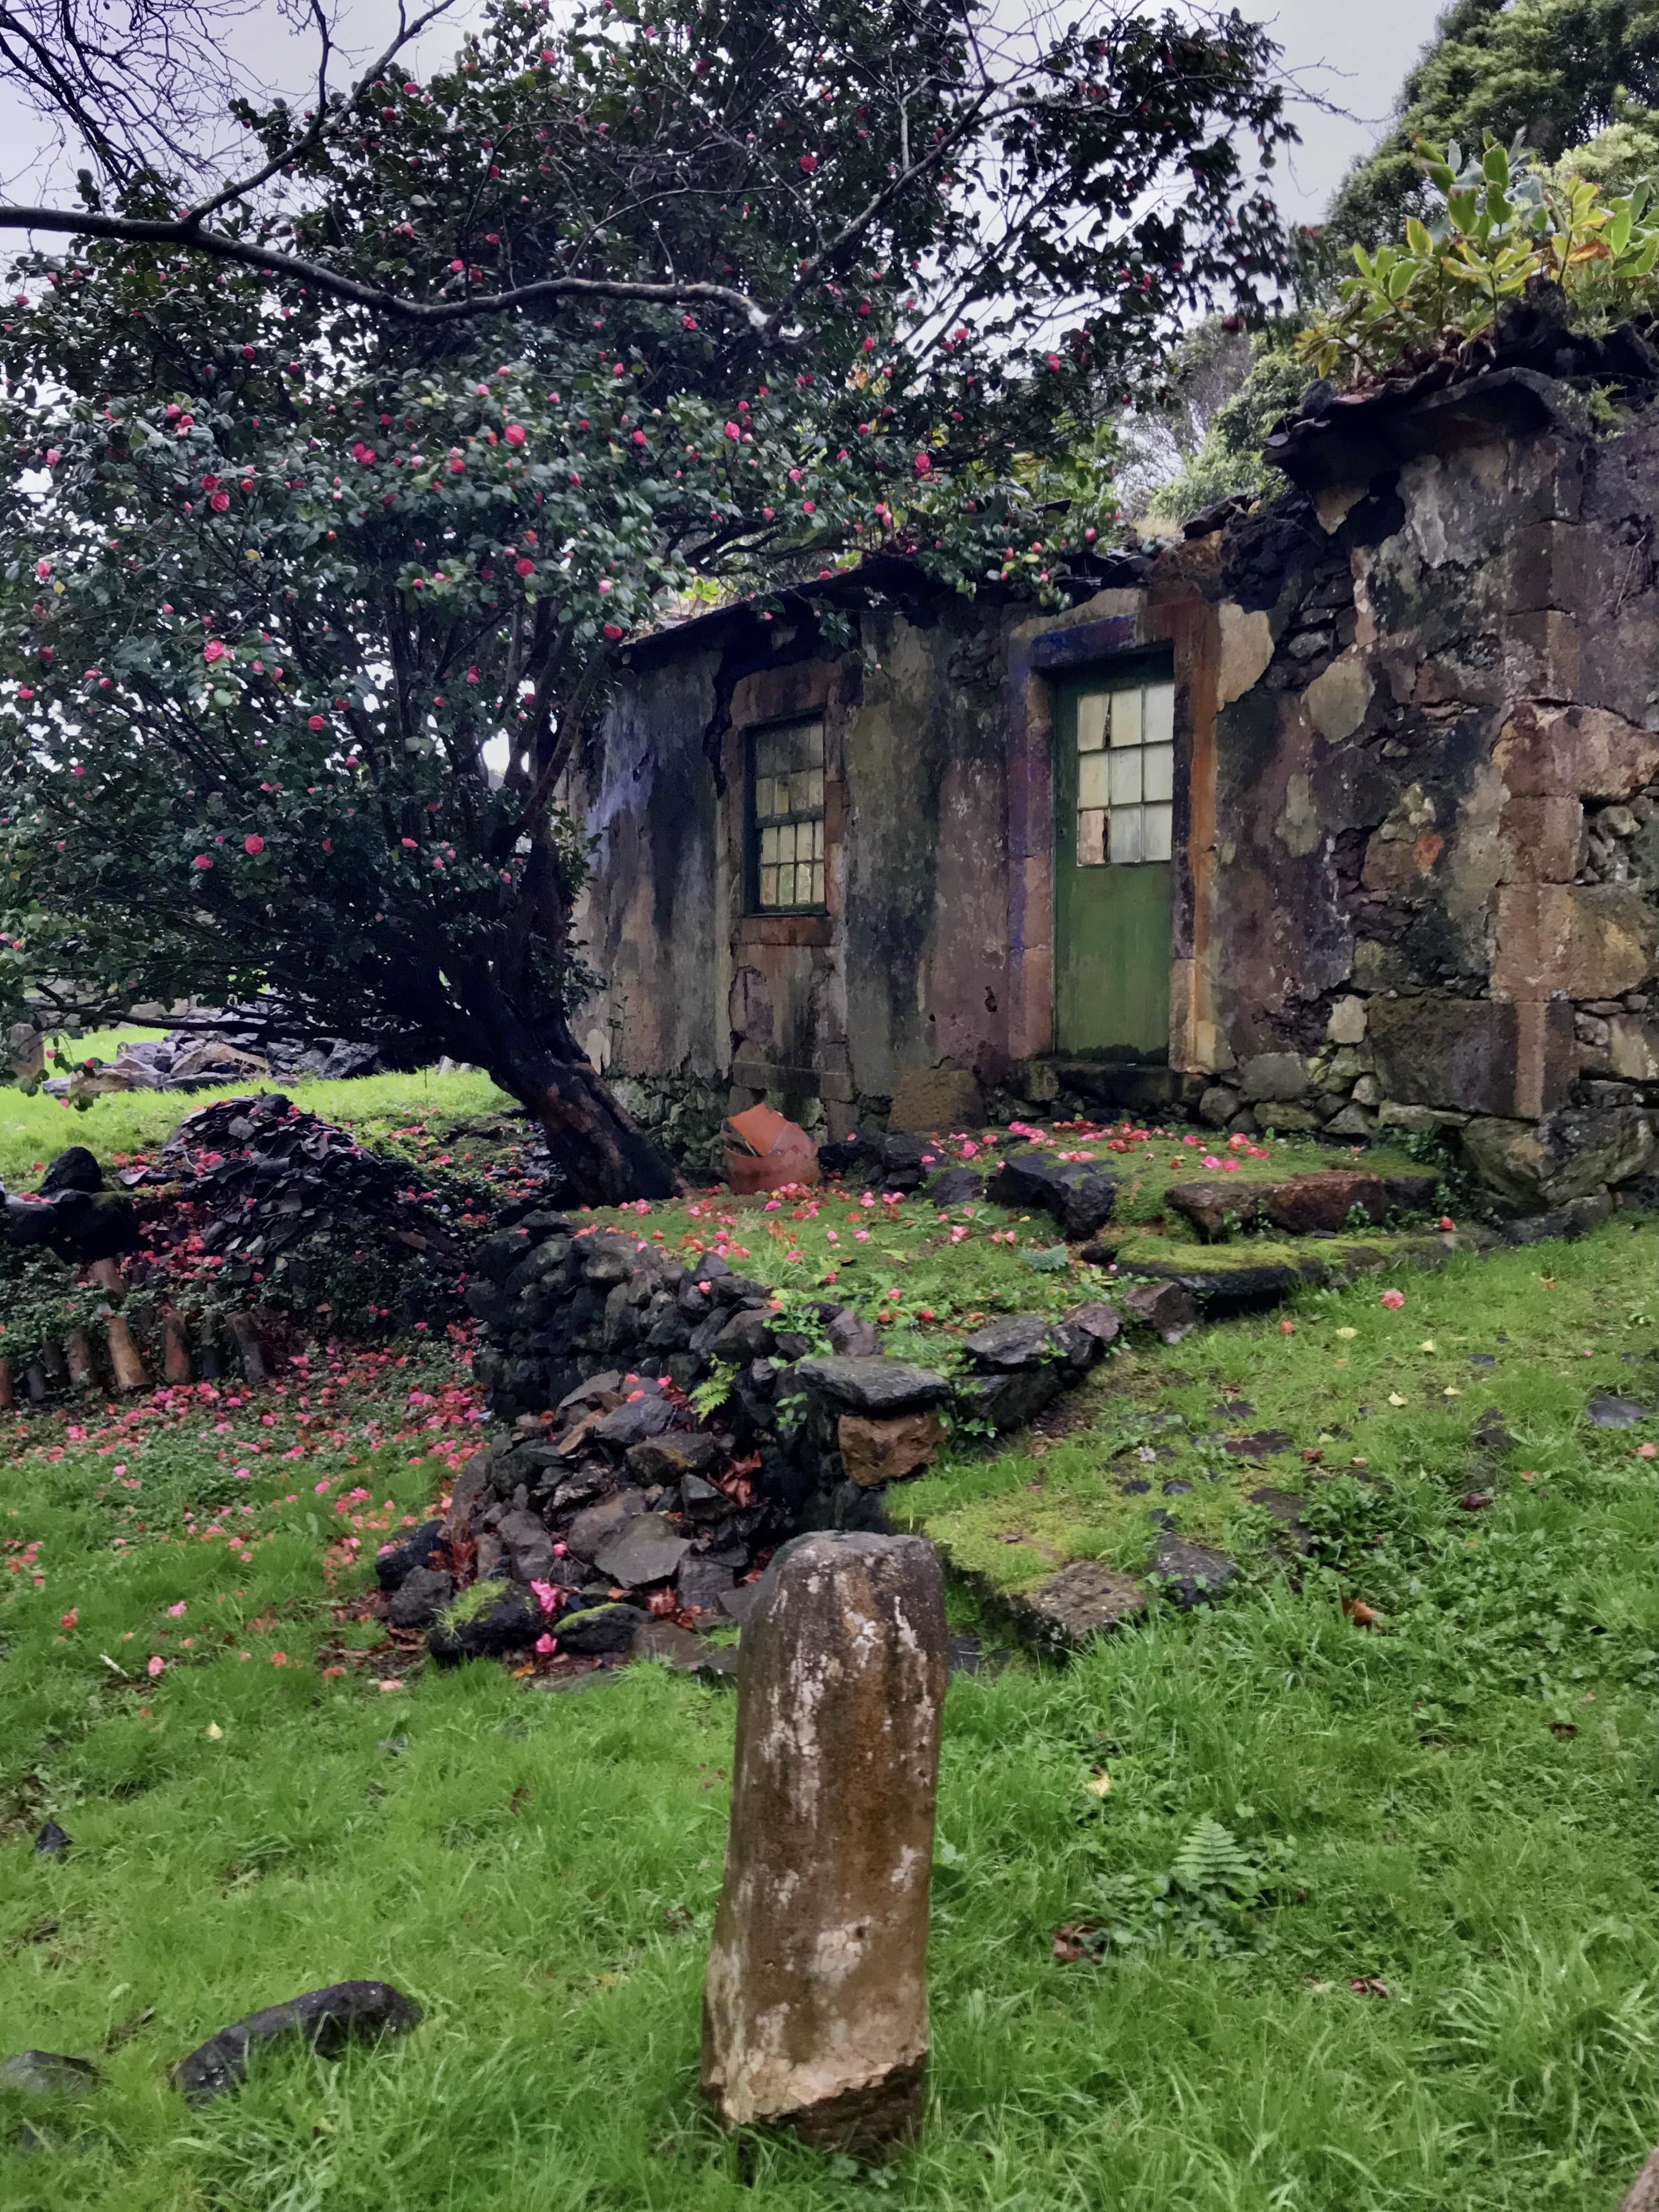 Casa das Figueiras and camellia tree